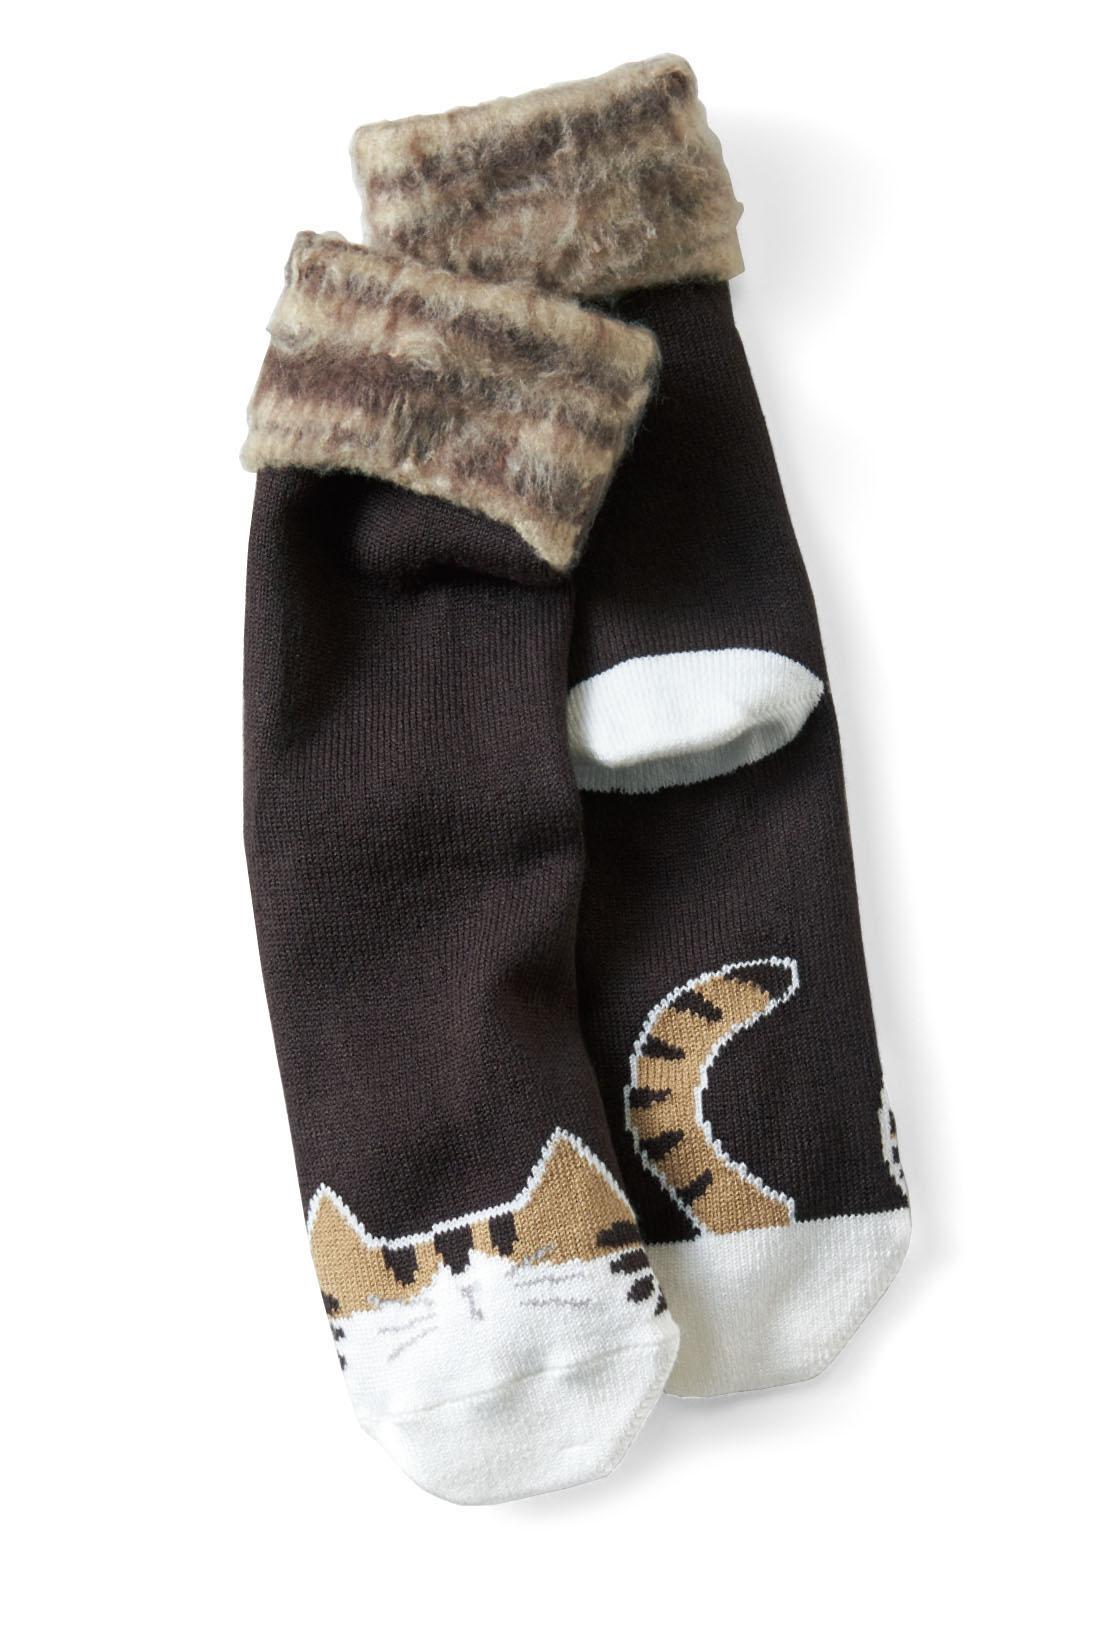 猫の顔もしっぽも、靴を履くと隠れるから、外出先では大人っぽくはけちゃいます。